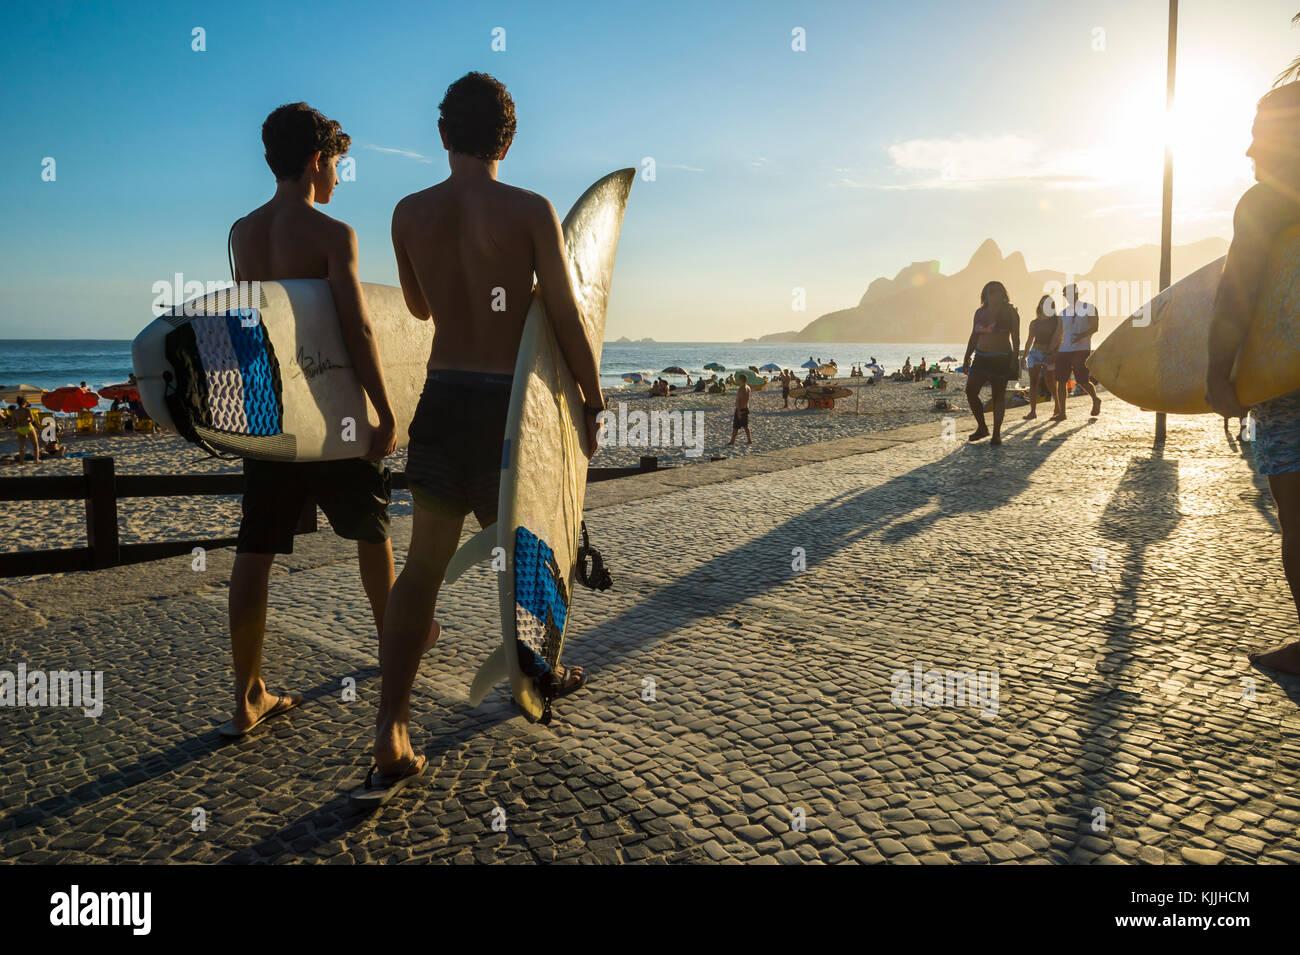 Rio de Janeiro - 24. März 2017: Sonnenuntergang Silhouetten der beiden jungen Surfer gehen mit Surfboards in Stockbild